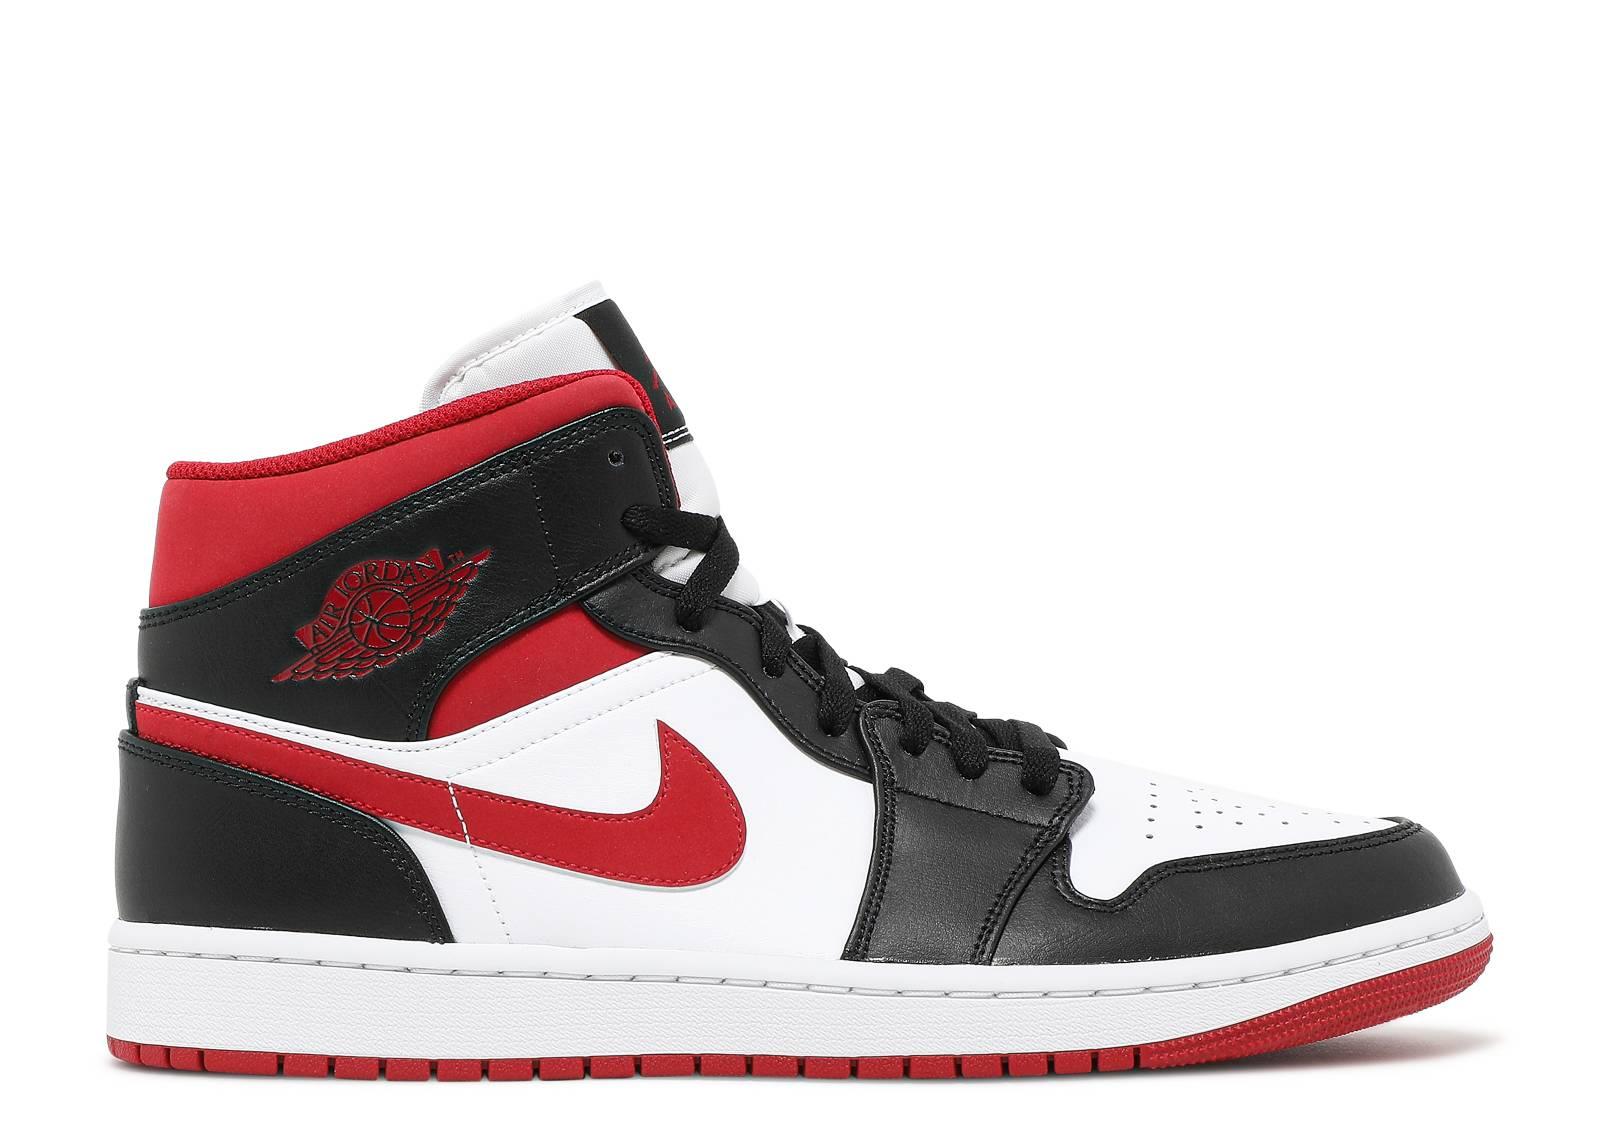 Air Jordan 1 Sneakers | Flight Club